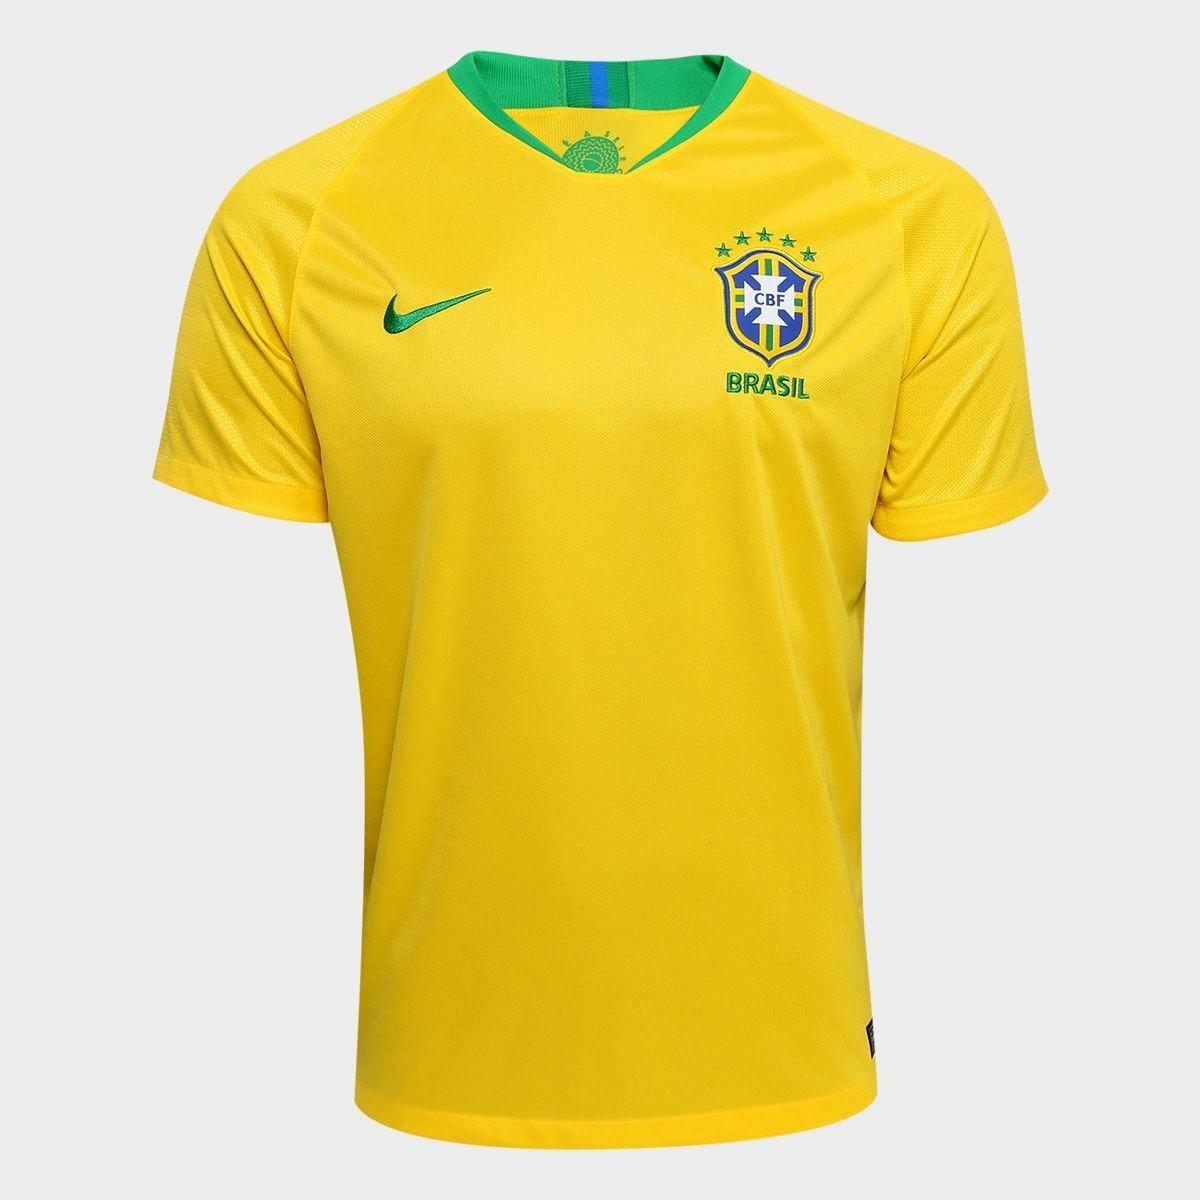 camisa do brasil seleção brasileira amarela masculina. Carregando zoom. 8689d24297b1a